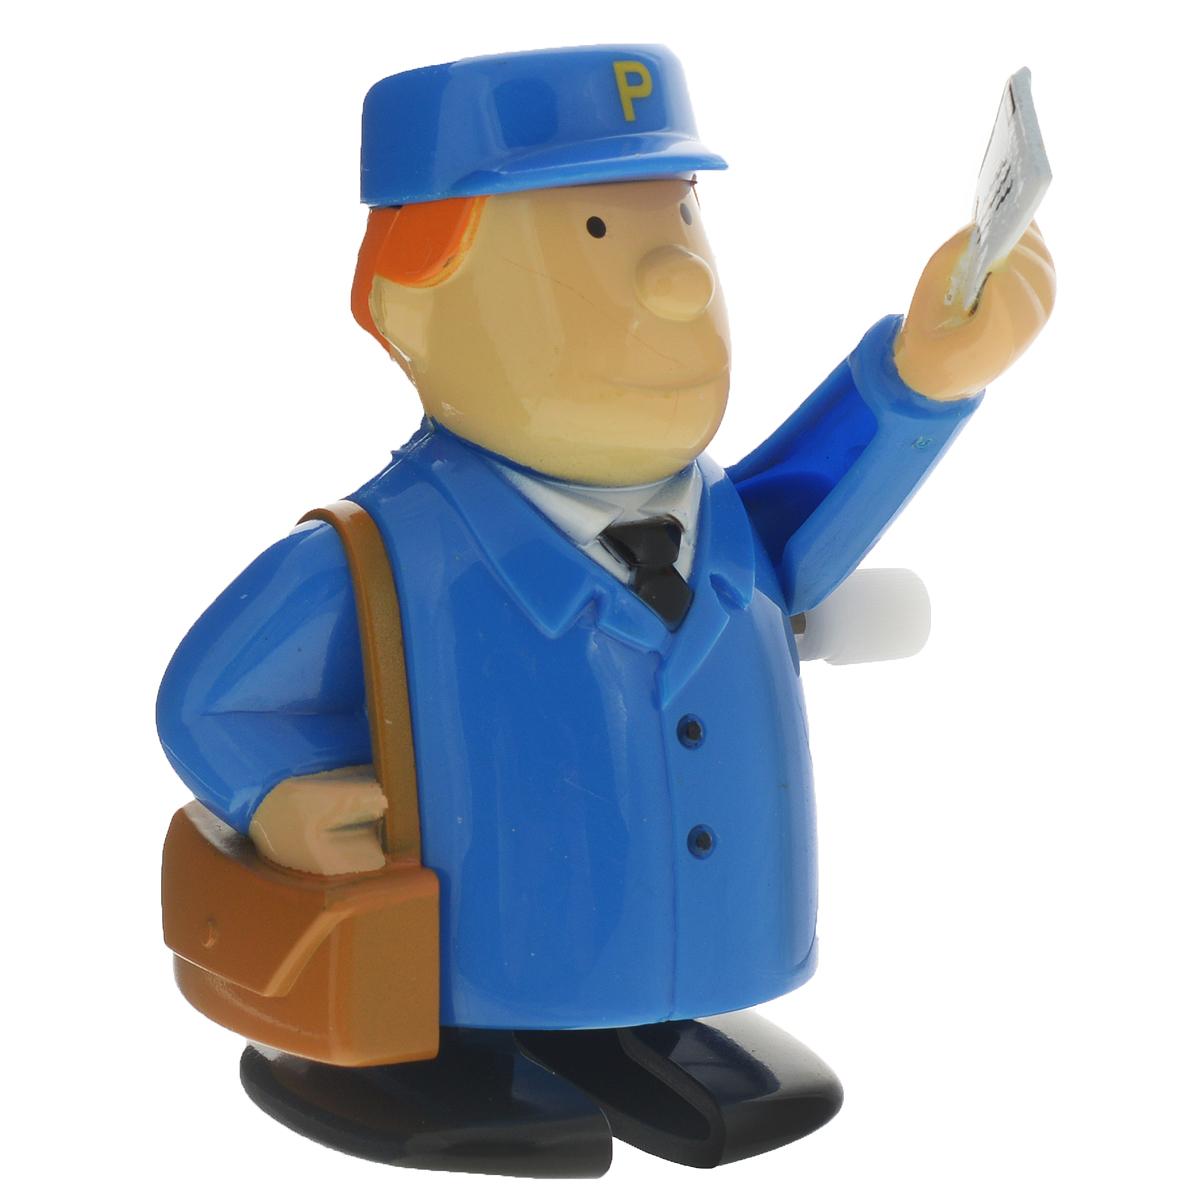 Игрушка заводная Hans Почтальон, цвет: синийRR-48PMBDИгрушка Hans Почтальон привлечет внимание вашего малыша и не позволит ему скучать! Выполненная из безопасного пластика, игрушка представляет собой забавного почтальона. Игрушка имеет механический завод. Для запуска, придерживая ноги игрушки, поверните заводной ключ по часовой стрелке до упора. Установите игрушку на поверхность и она начнет двигаться вперед. Заводная игрушка Hans Почтальон поможет ребенку в развитии воображения, мелкой моторики рук, концентрации внимания и цветового восприятия.